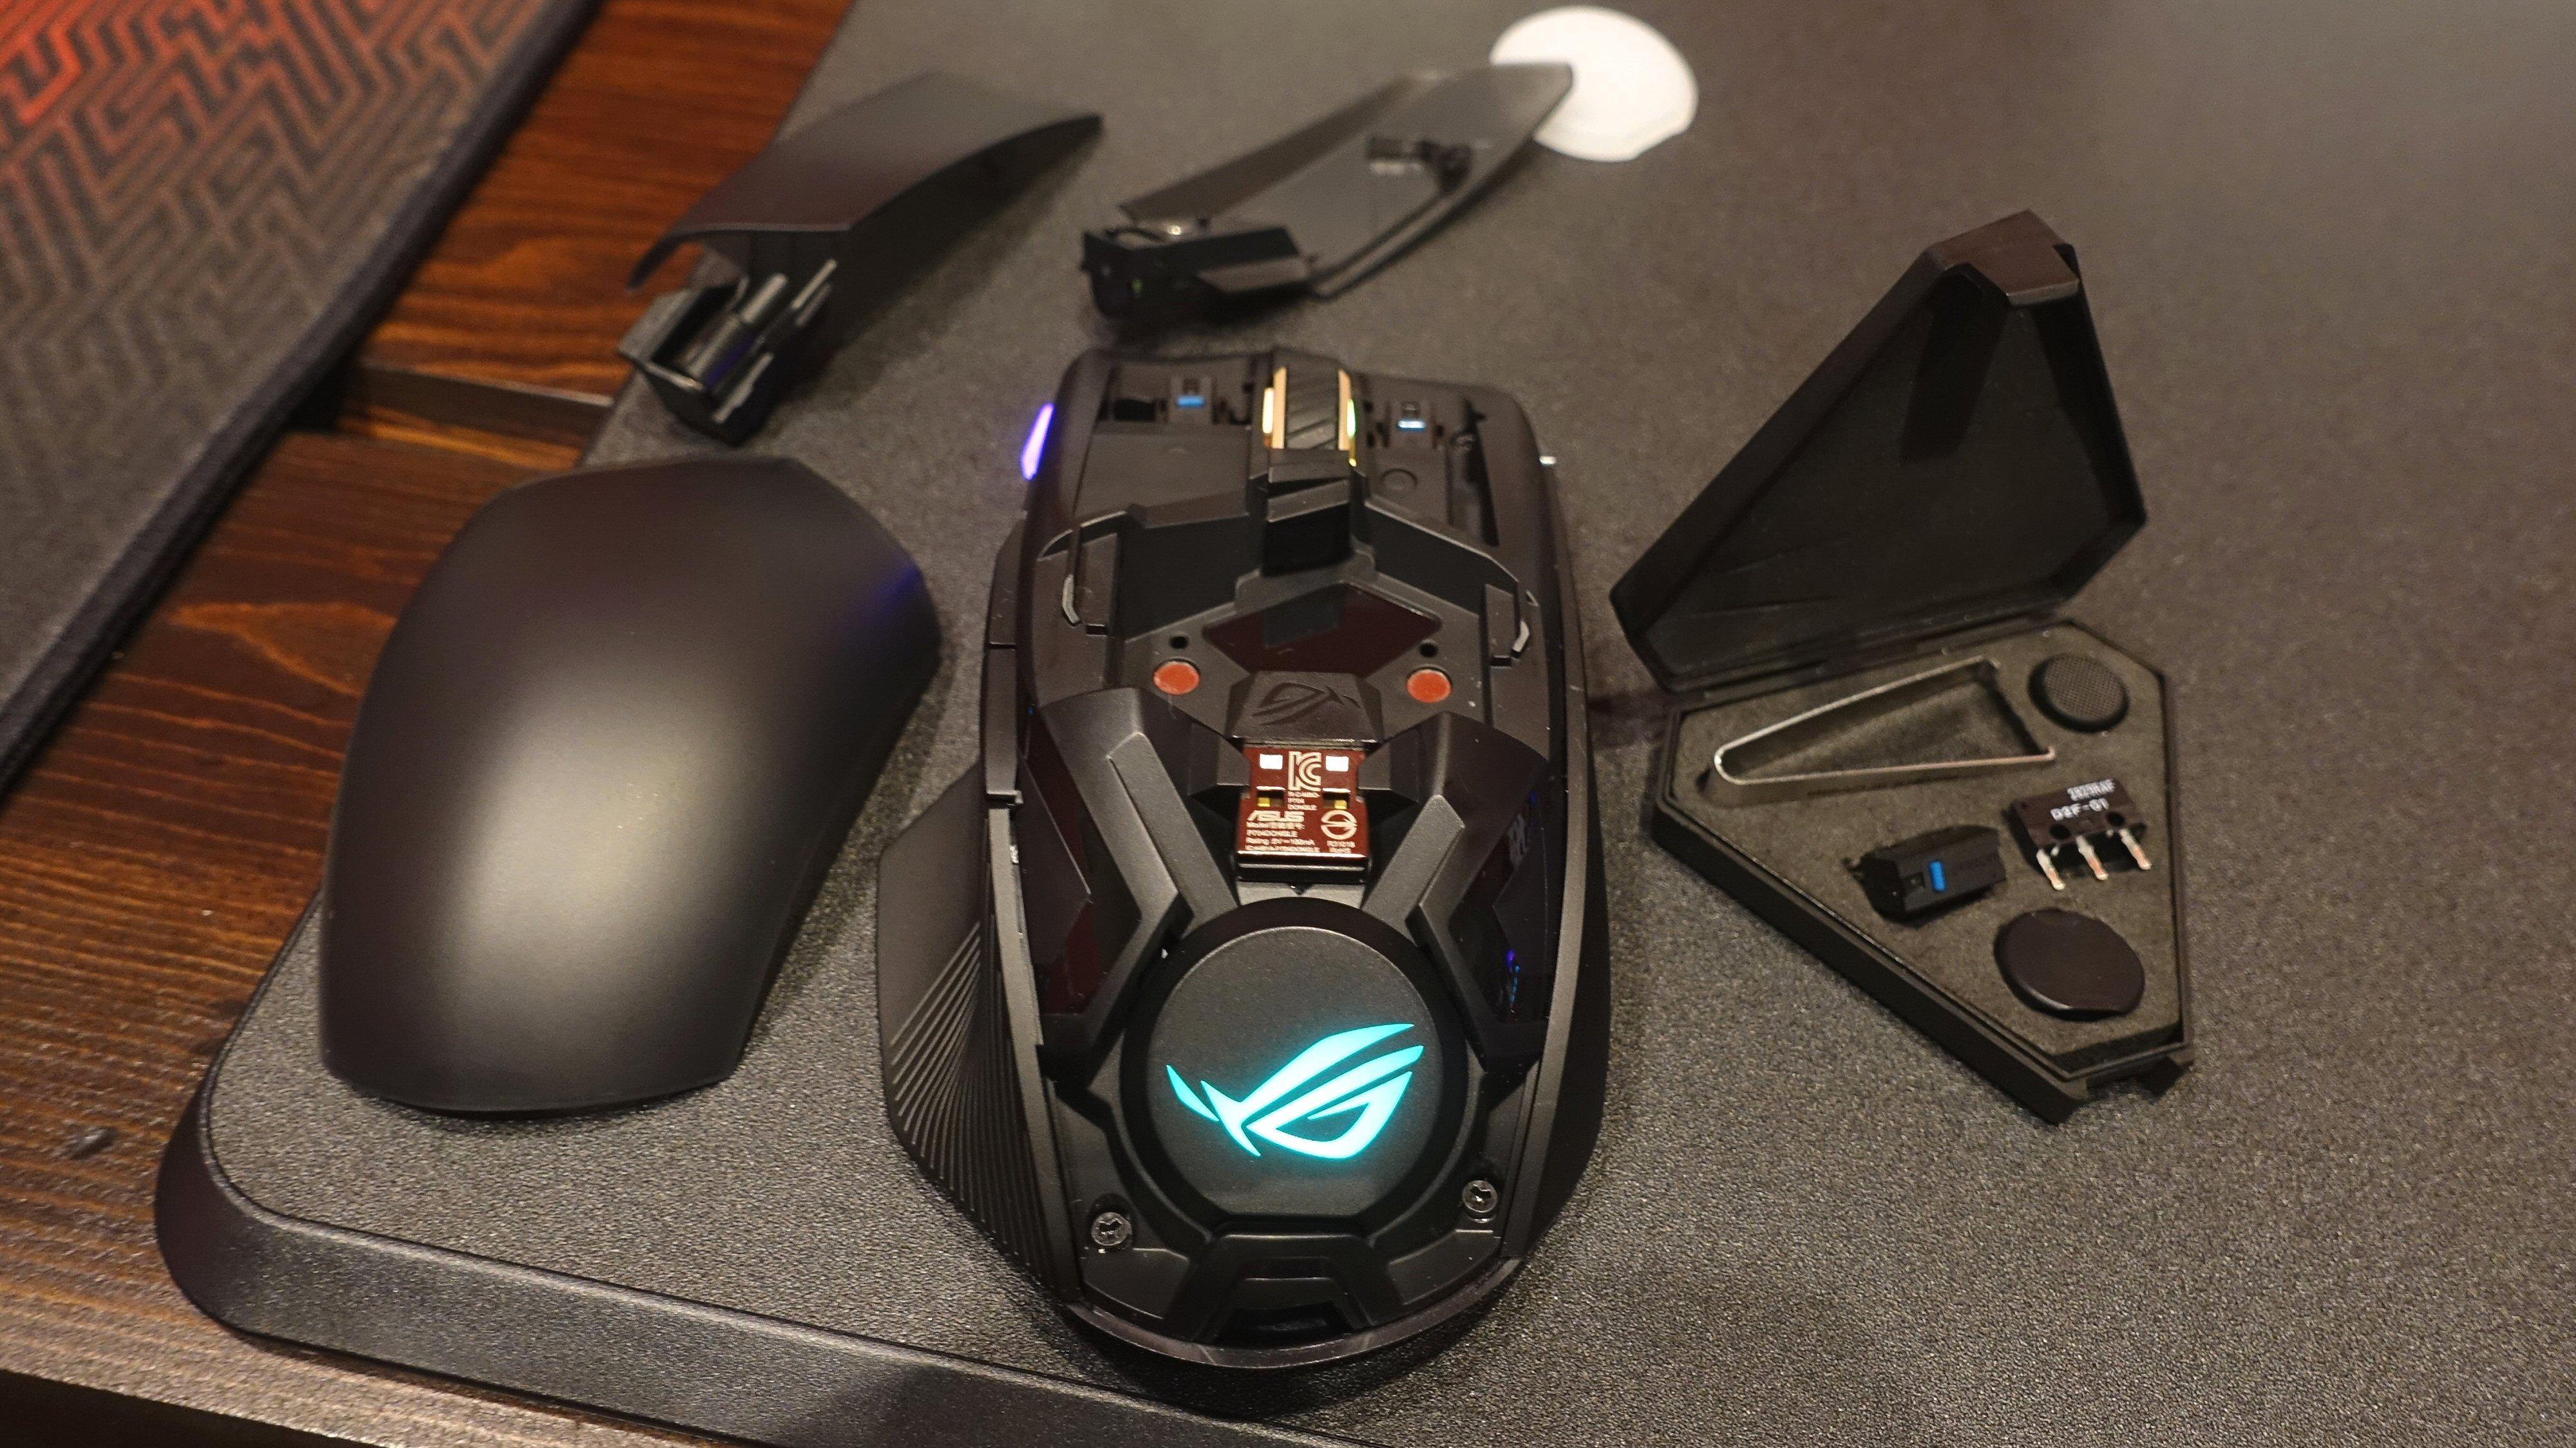 Asus ROG Chakram er modulær. I tillegg til joysticken kan også høyre og venstre klikkbryter byttes ut, samt den lysende logoplata bak.